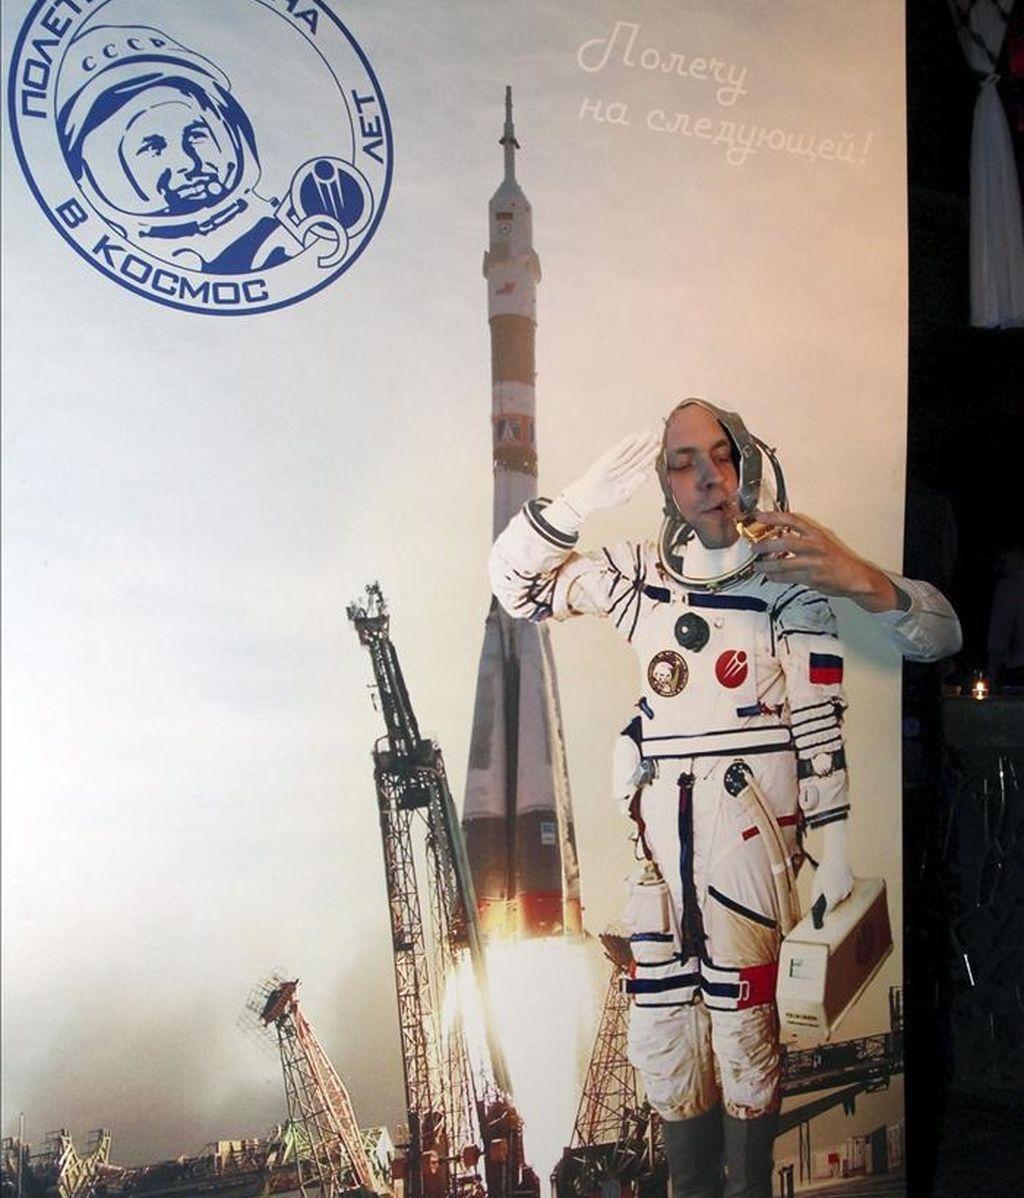 Un hombre participa en un fotomontaje en el club nocturno Gaudi Arena de Moscú en la noche del 11 de abril de 2011 durante las celebraciones por el 50 aniversario del primer vuelo de un hombre al espacio. EFE